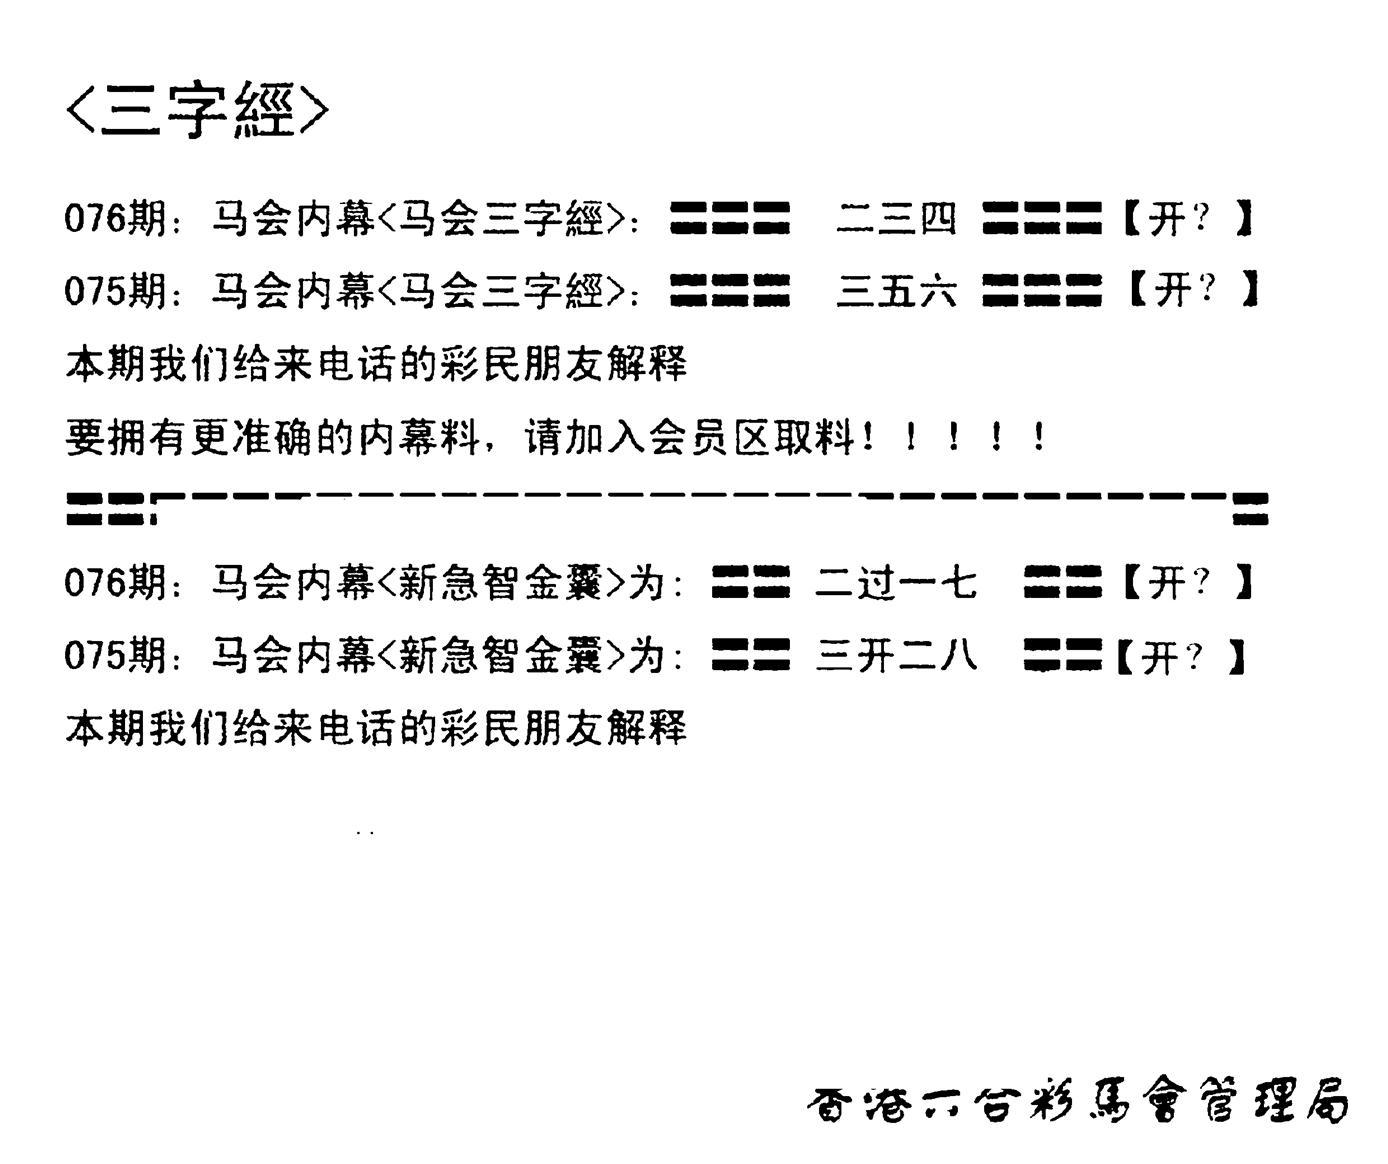 076期电脑版(早版)(黑白)